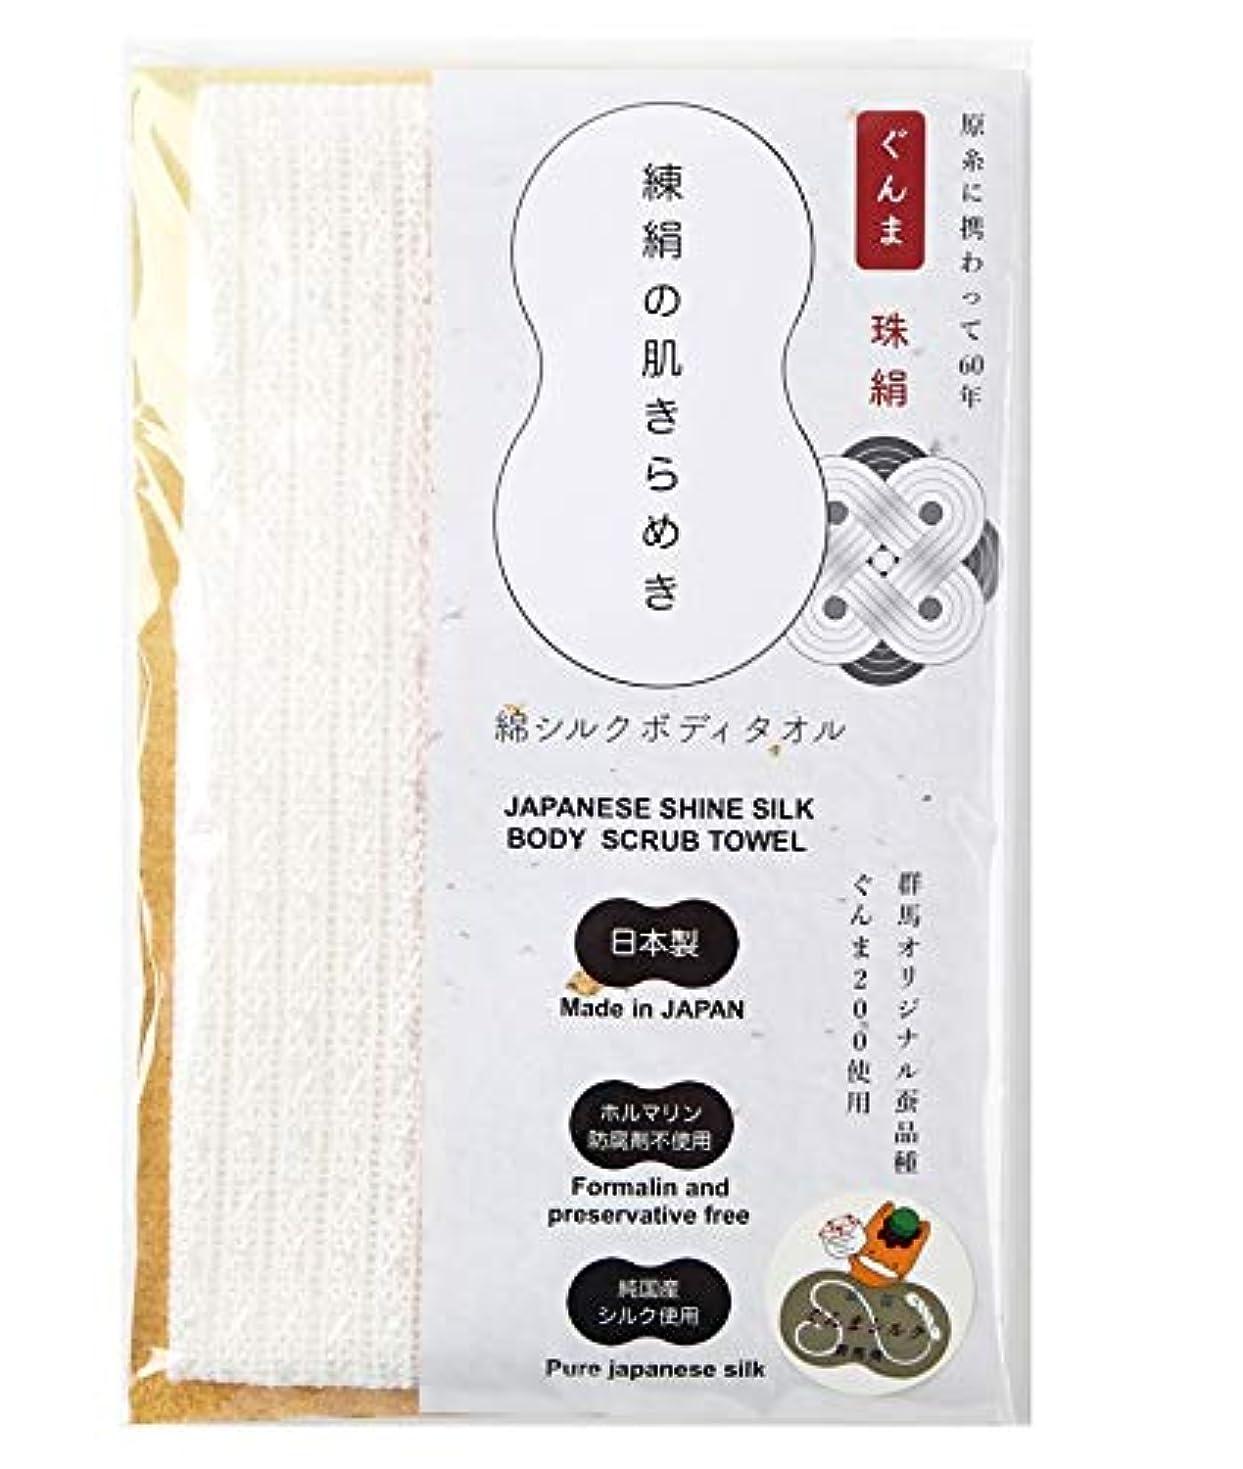 プロットセメントビーチくーる&ほっと 珠絹(たまぎぬ) 練絹の肌きらめき 純国産絹(ぐんまシルク)使用 日本製 綿シルクボディタオル